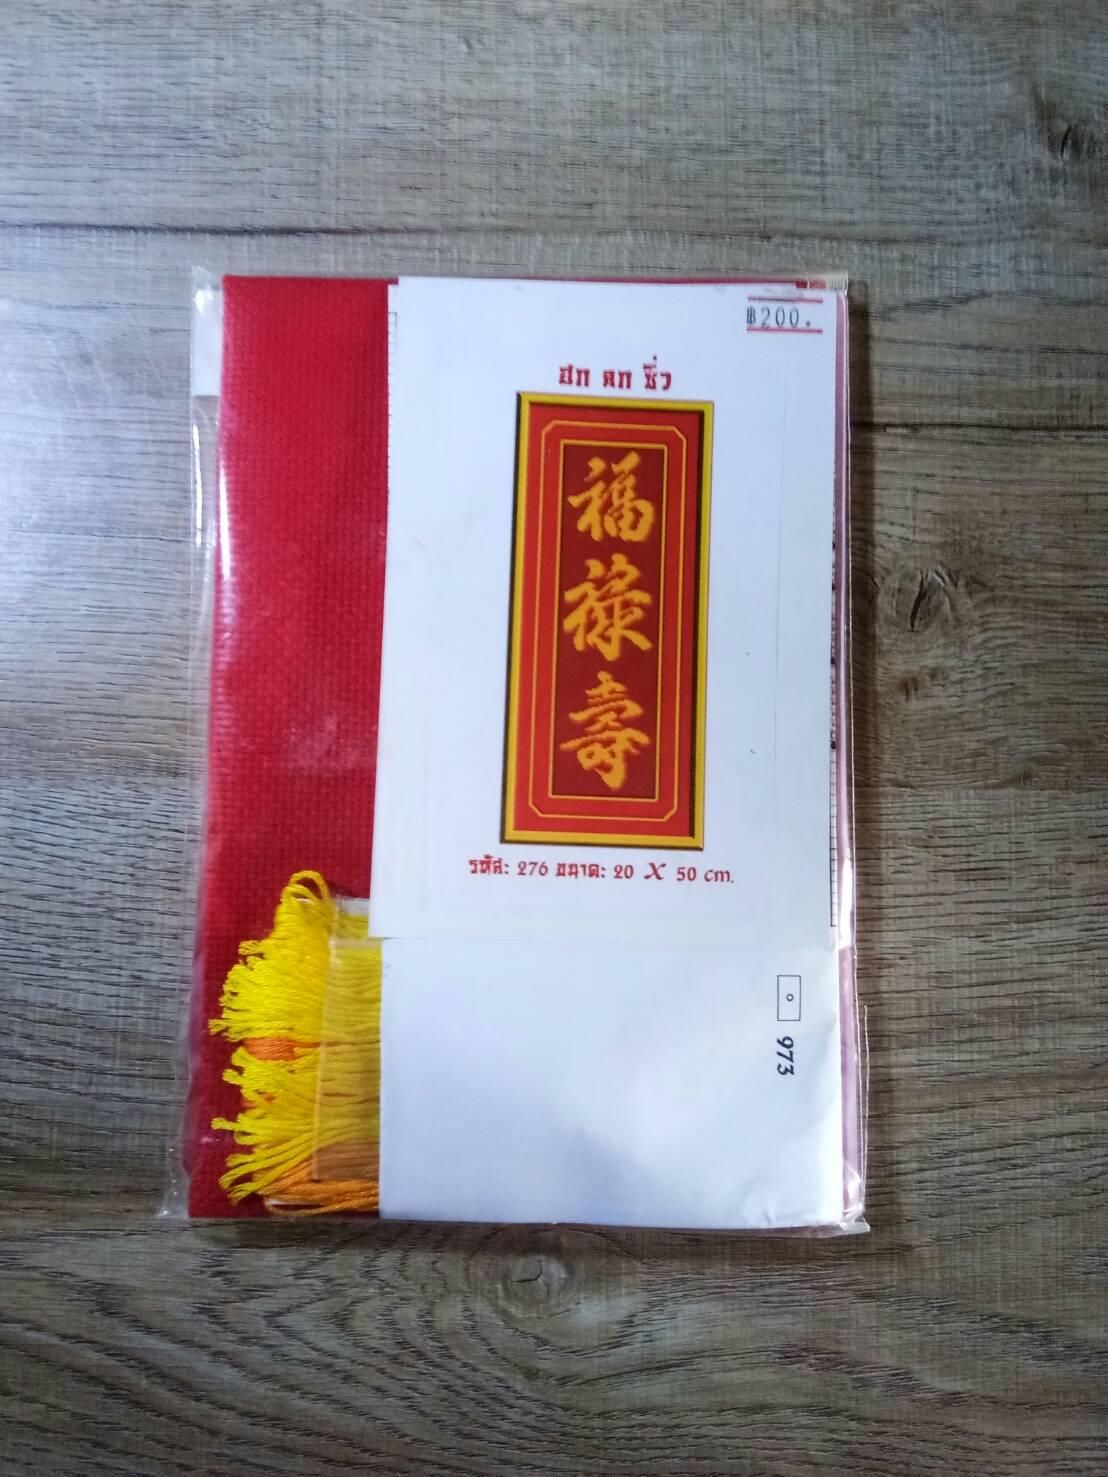 ชุดปักครอสติช ลายฮก ลก ซิว ขนาด 20*50 ซม.ผ้าครอสติช 14 CT ไม่พิมพ์ลายปัก ไหมคอตตอน สี+ผังลาย+เข็ม (ส่งฟรี)